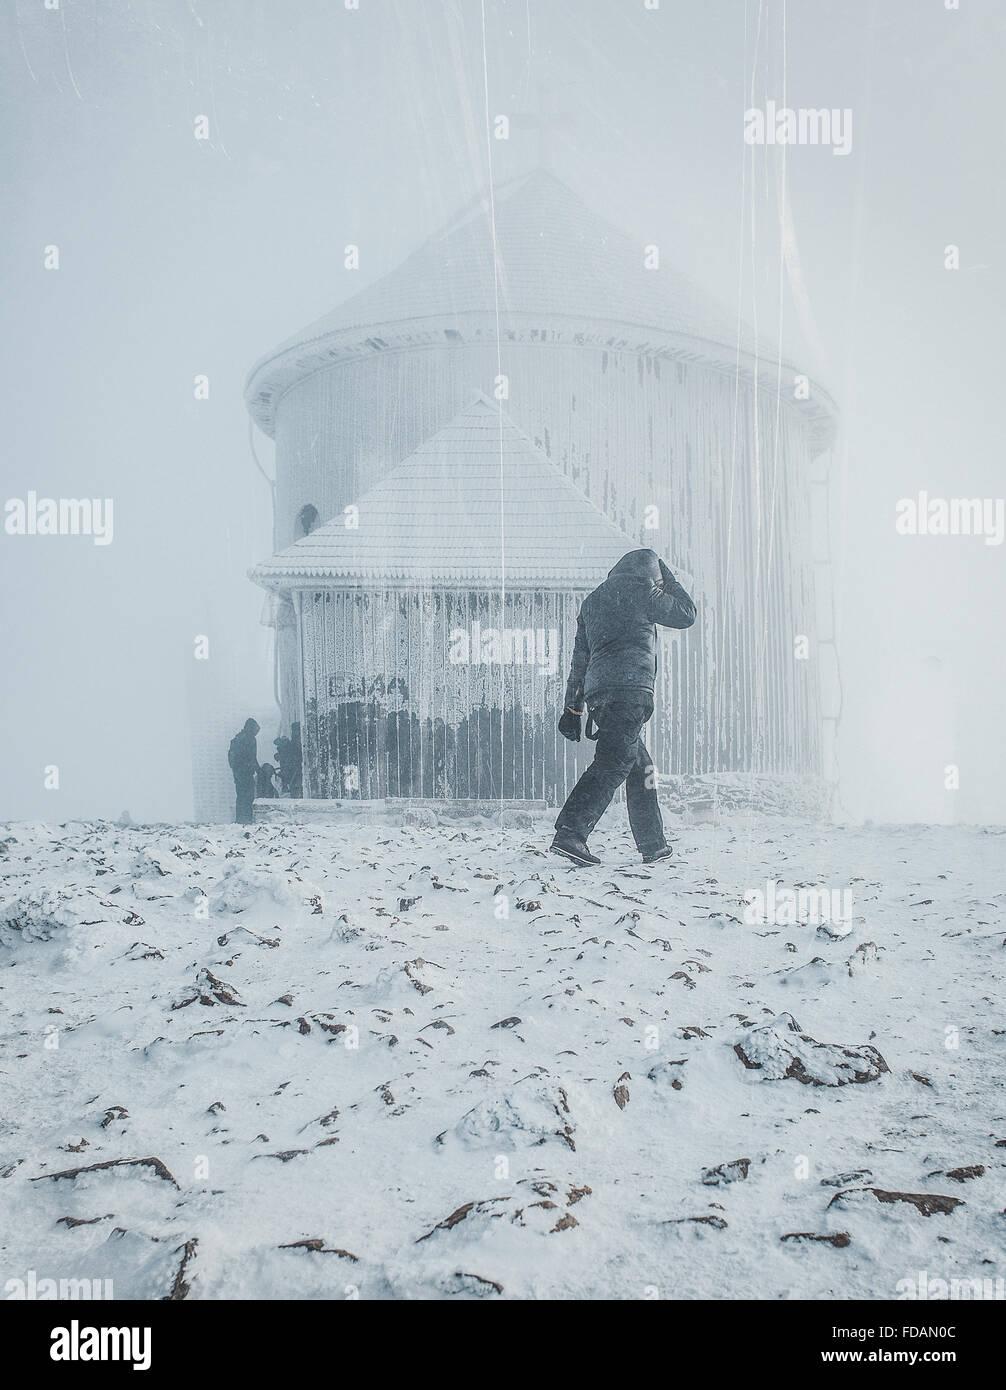 El país de las maravillas de invierno Imagen De Stock